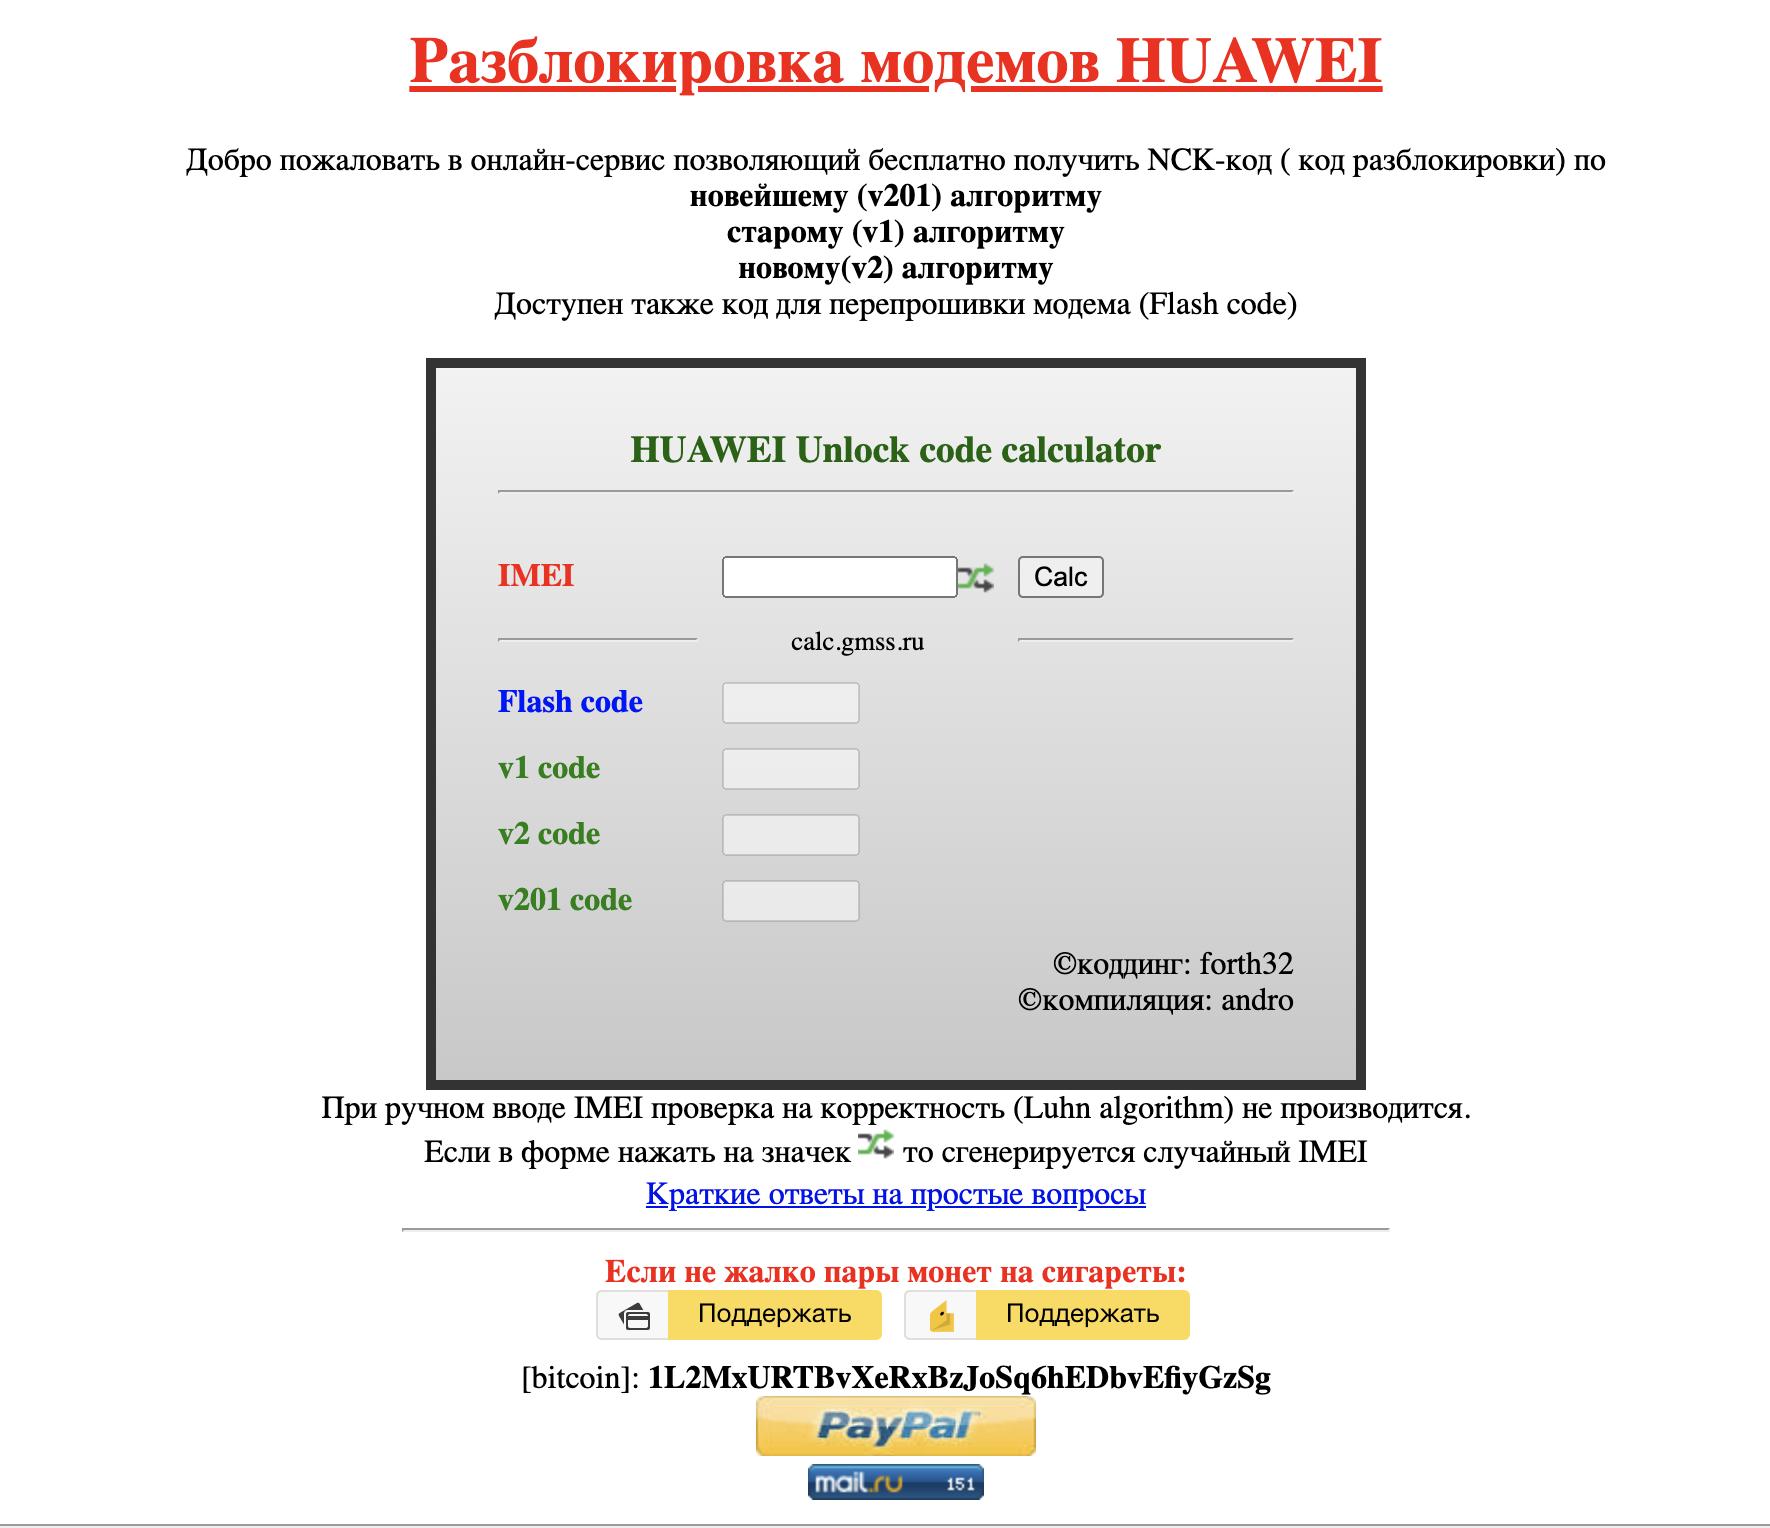 calc.gmss.ru - перепрошить модем мегафон